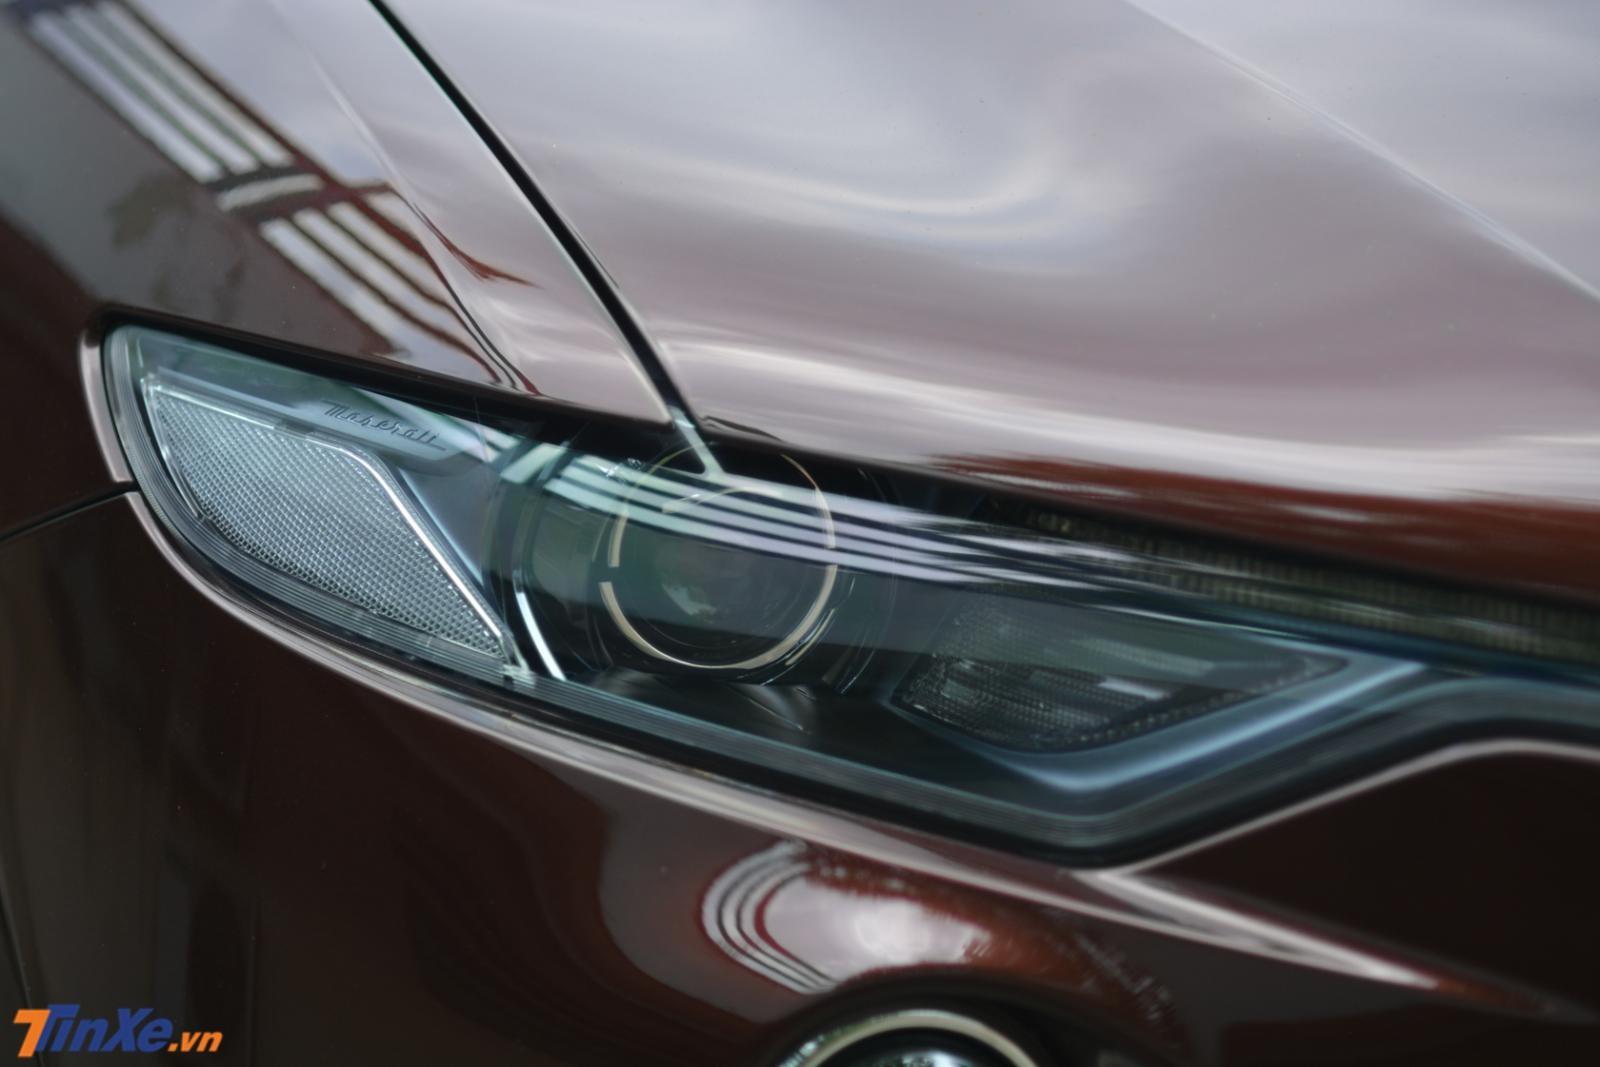 Đèn pha của Maserati Levante thiết kế sắc sảo